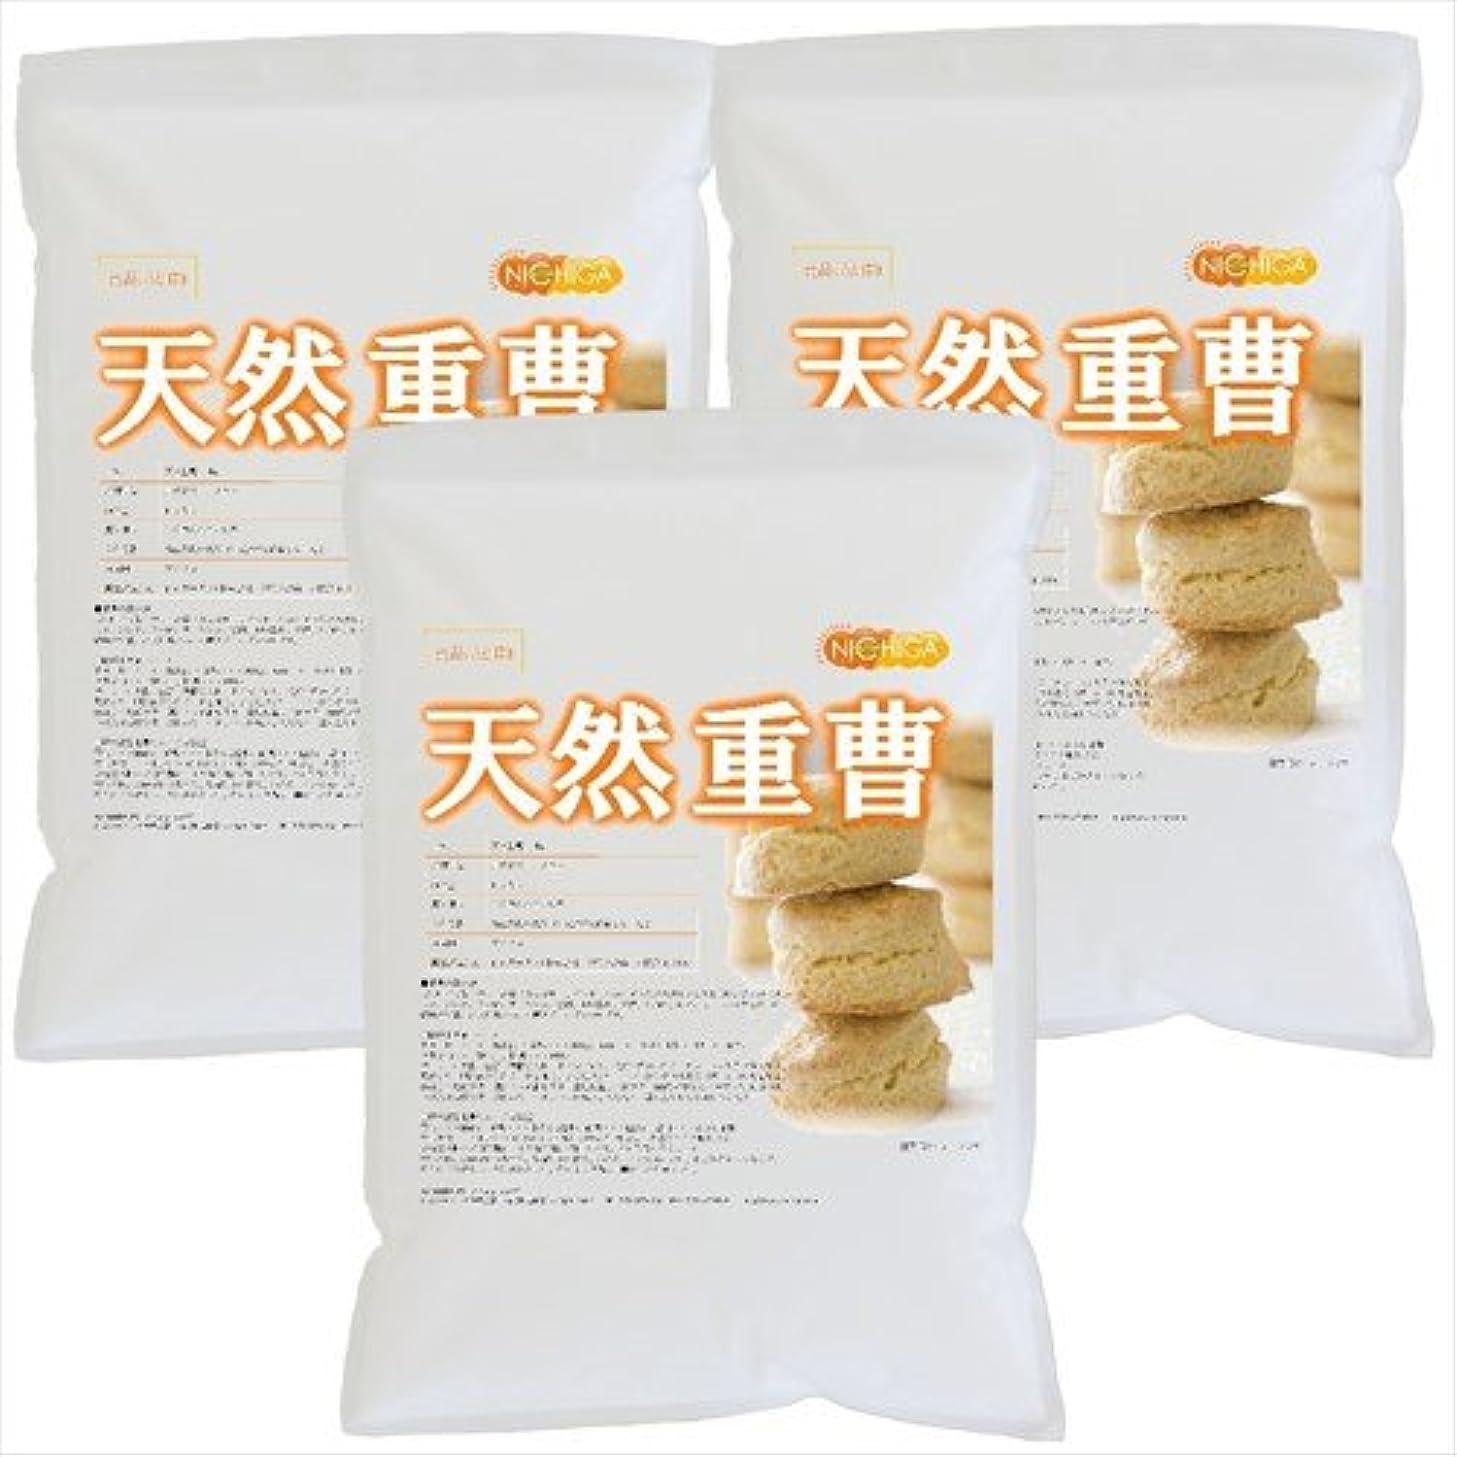 故障ポンプ捨てる天然 重曹 5kg×3袋 [02] 炭酸水素ナトリウム 食品添加物(食品用)NICHIGA(ニチガ)